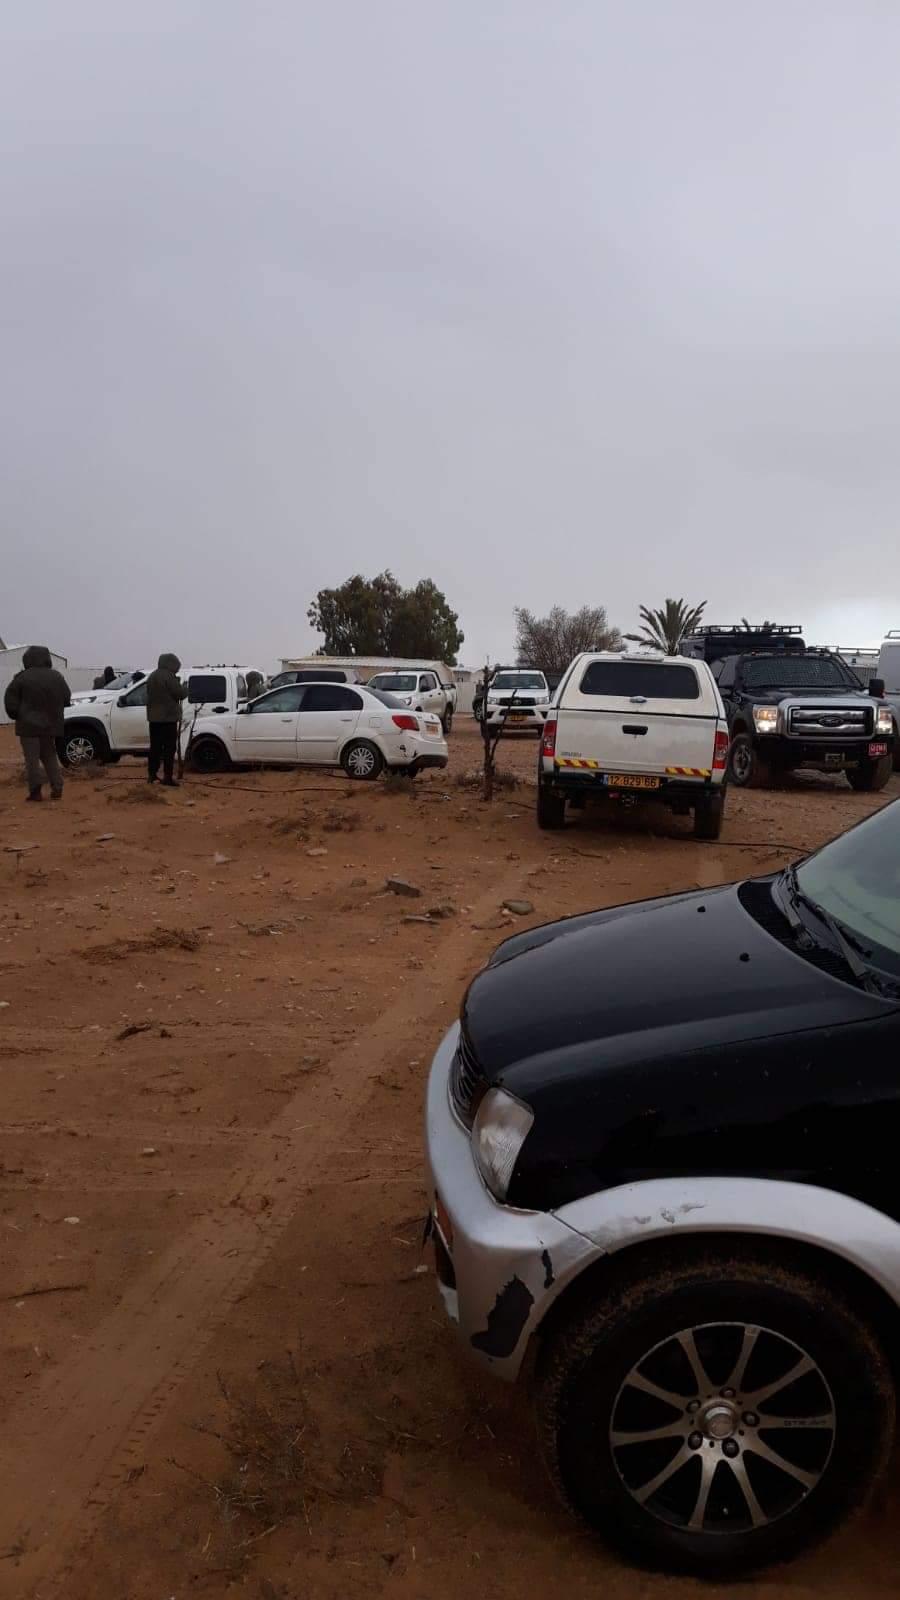 النقب: إصابات واعتقالات خلال اقتحام بير هداج